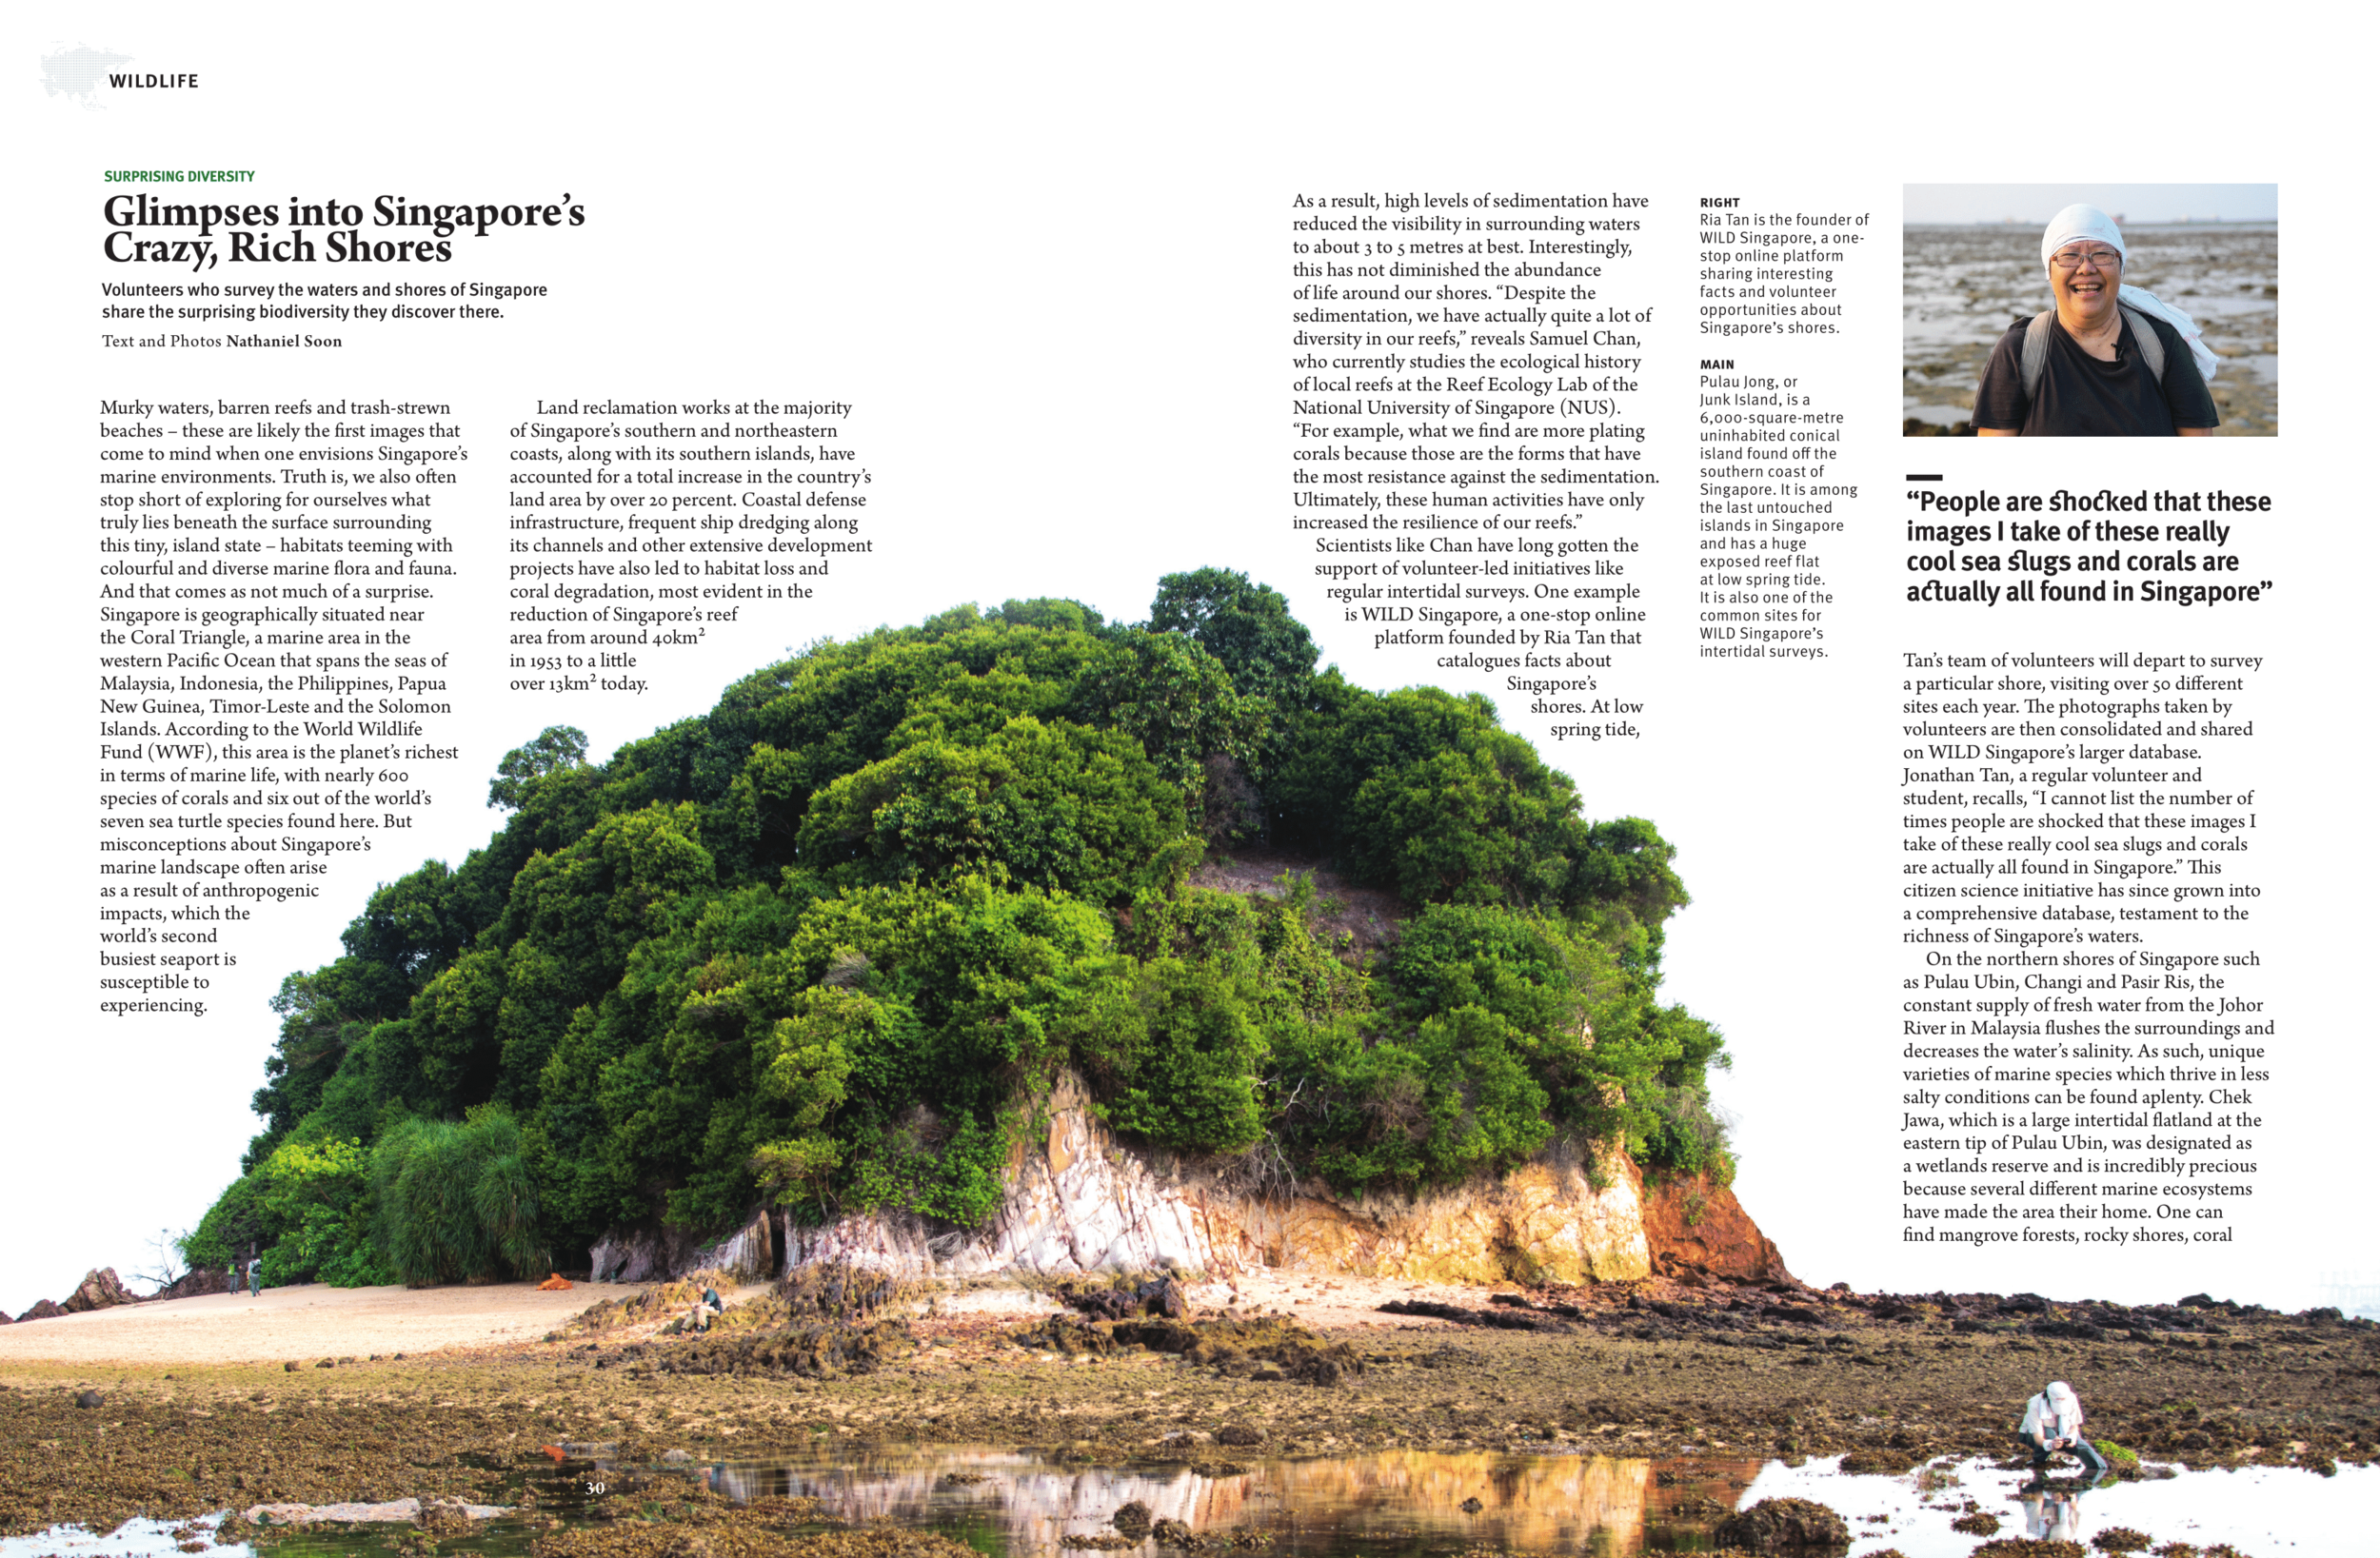 NathanielSoon_Singapore'sRichMarineBiodiversity - Nathaniel Soon (1)-1.png